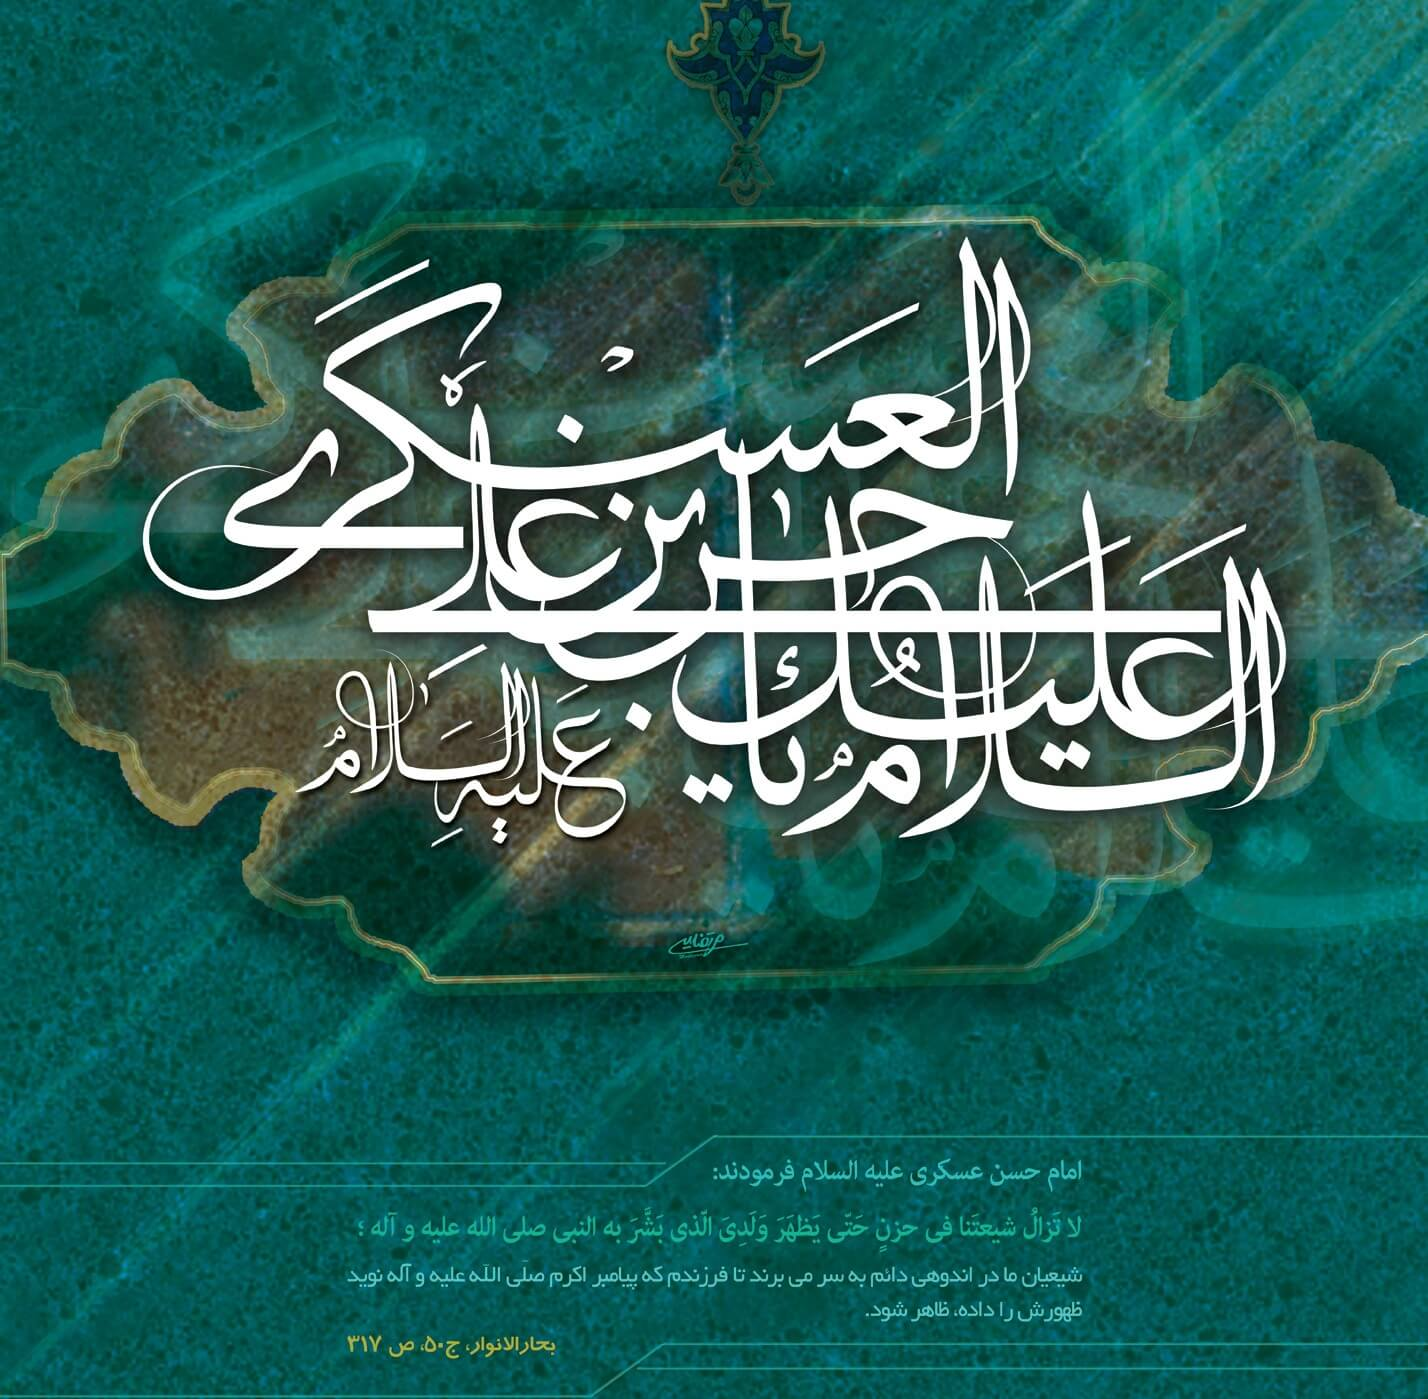 ولادت امام حسن عسگری (ع) مبارک باد